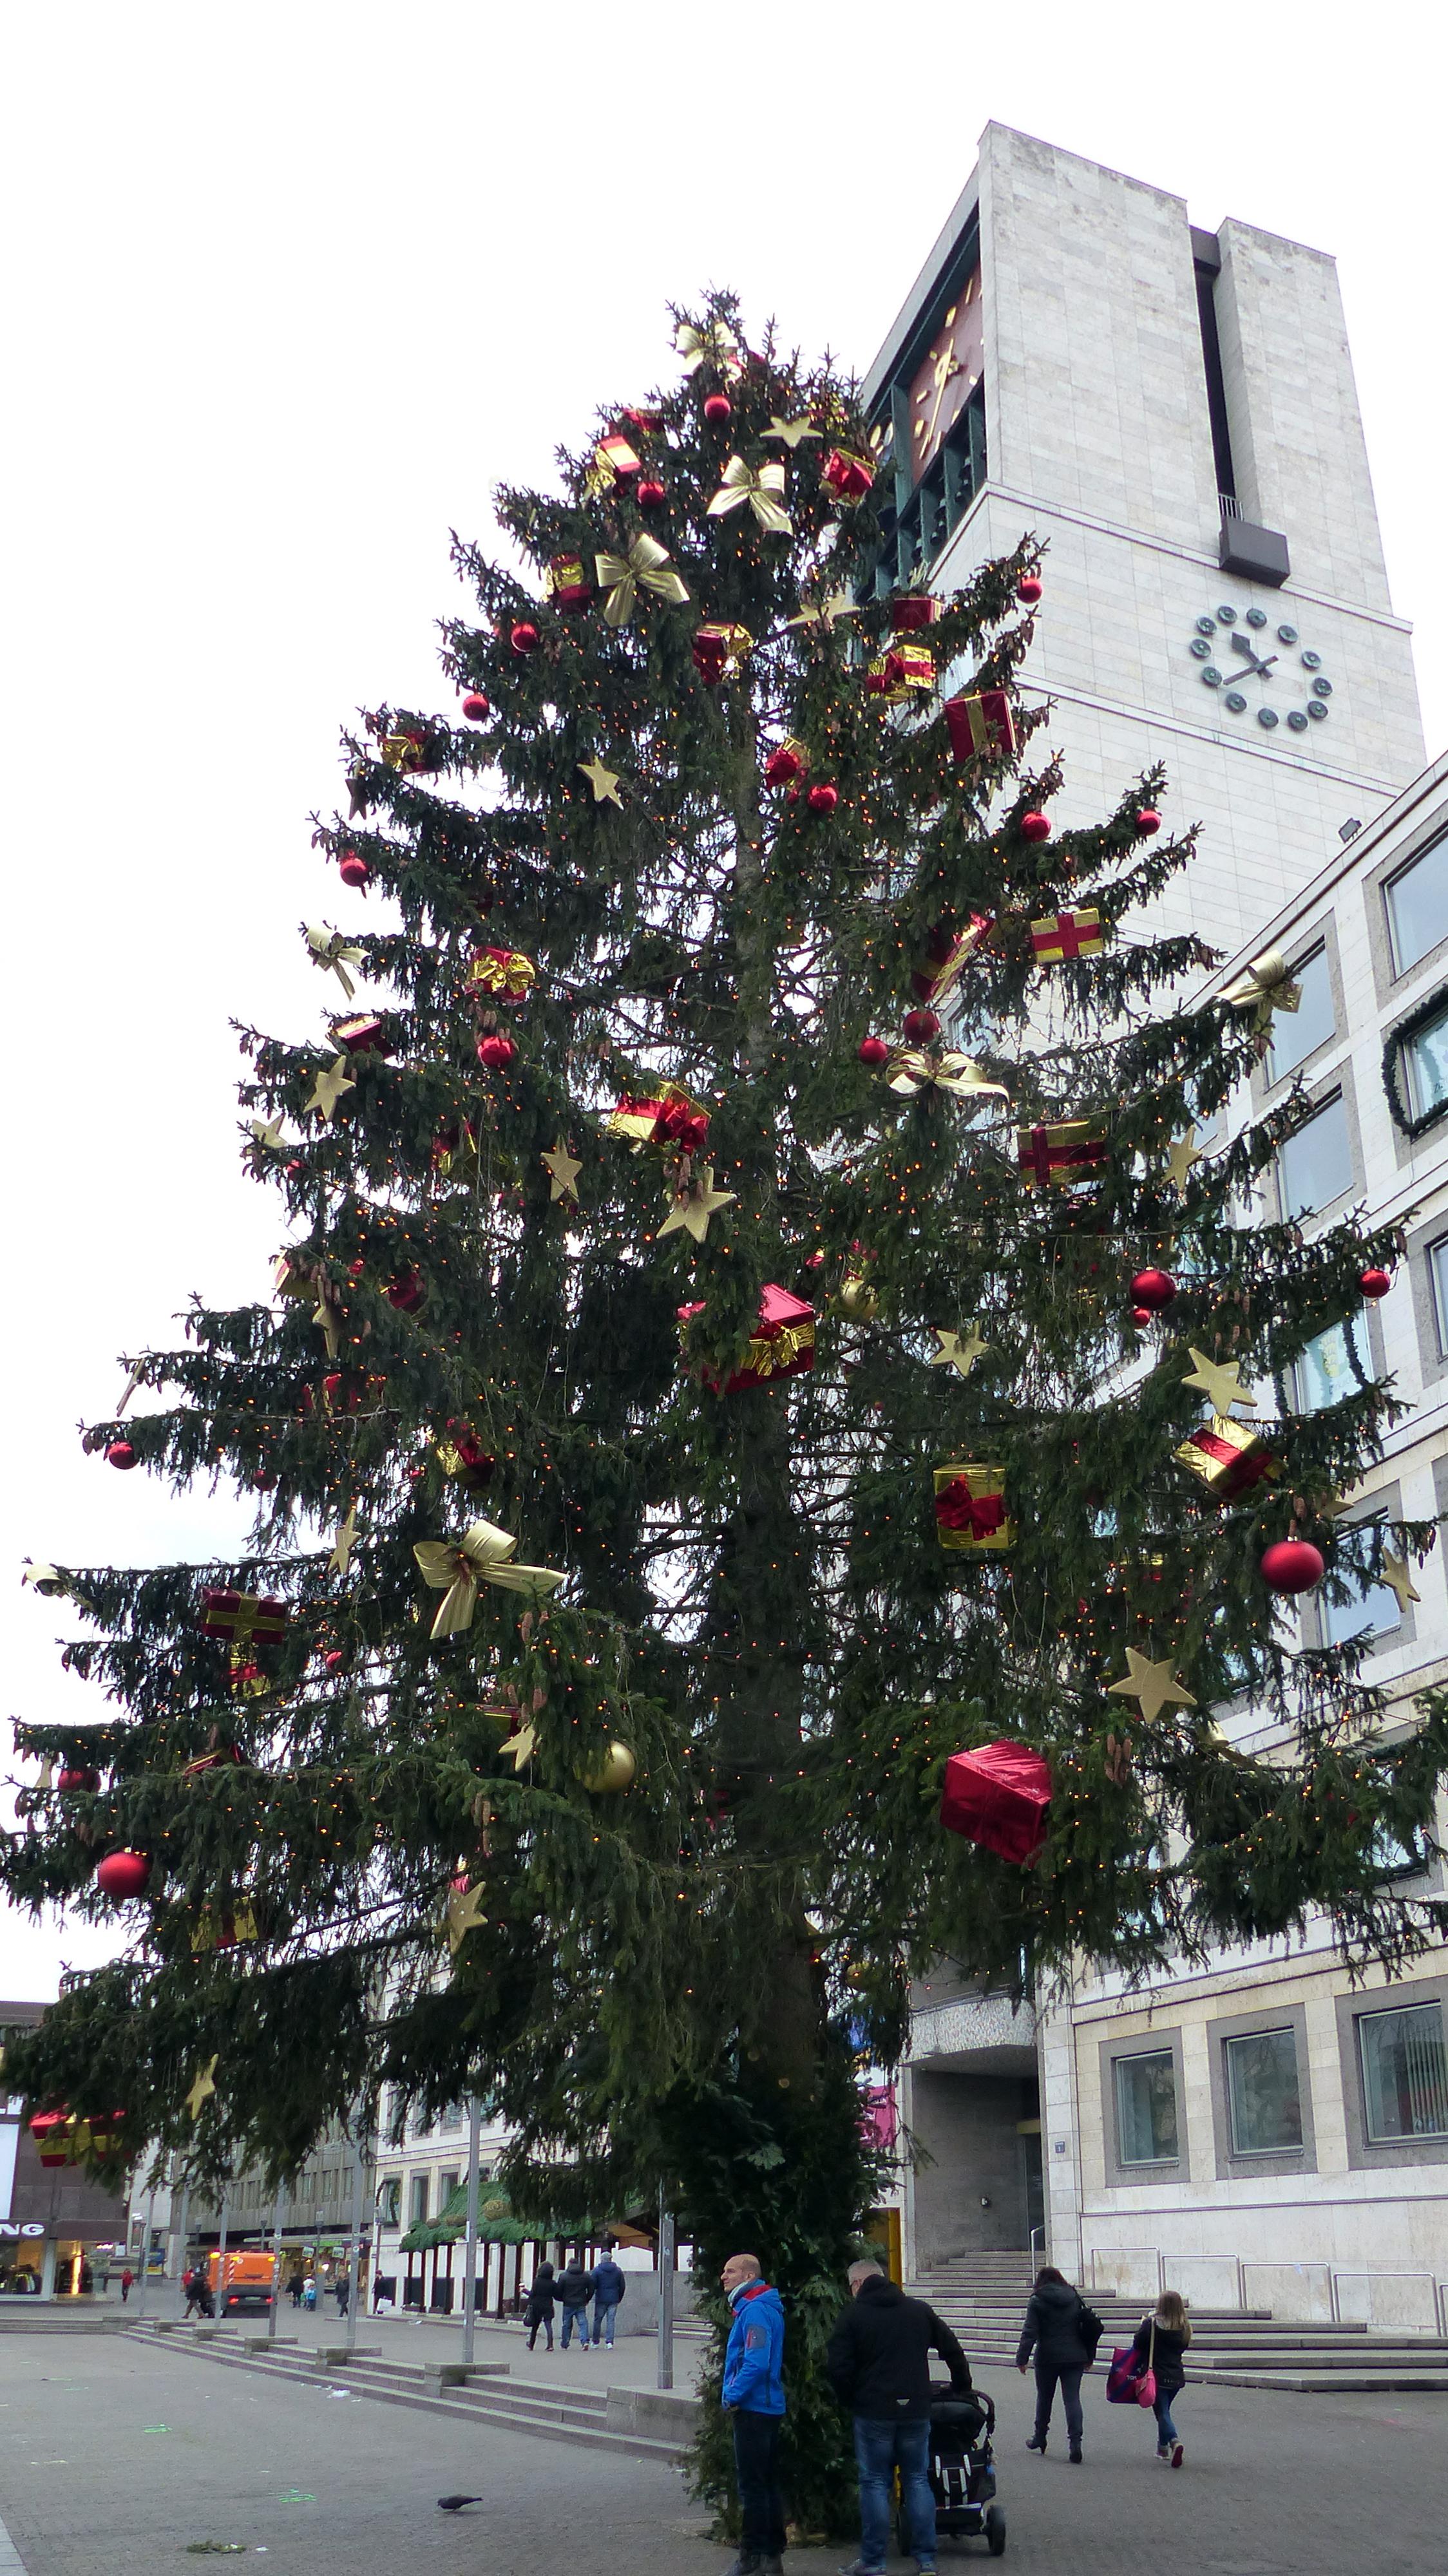 Datei:Weihnachtsbaum in Stuttgart 3.JPG – Wikipedia